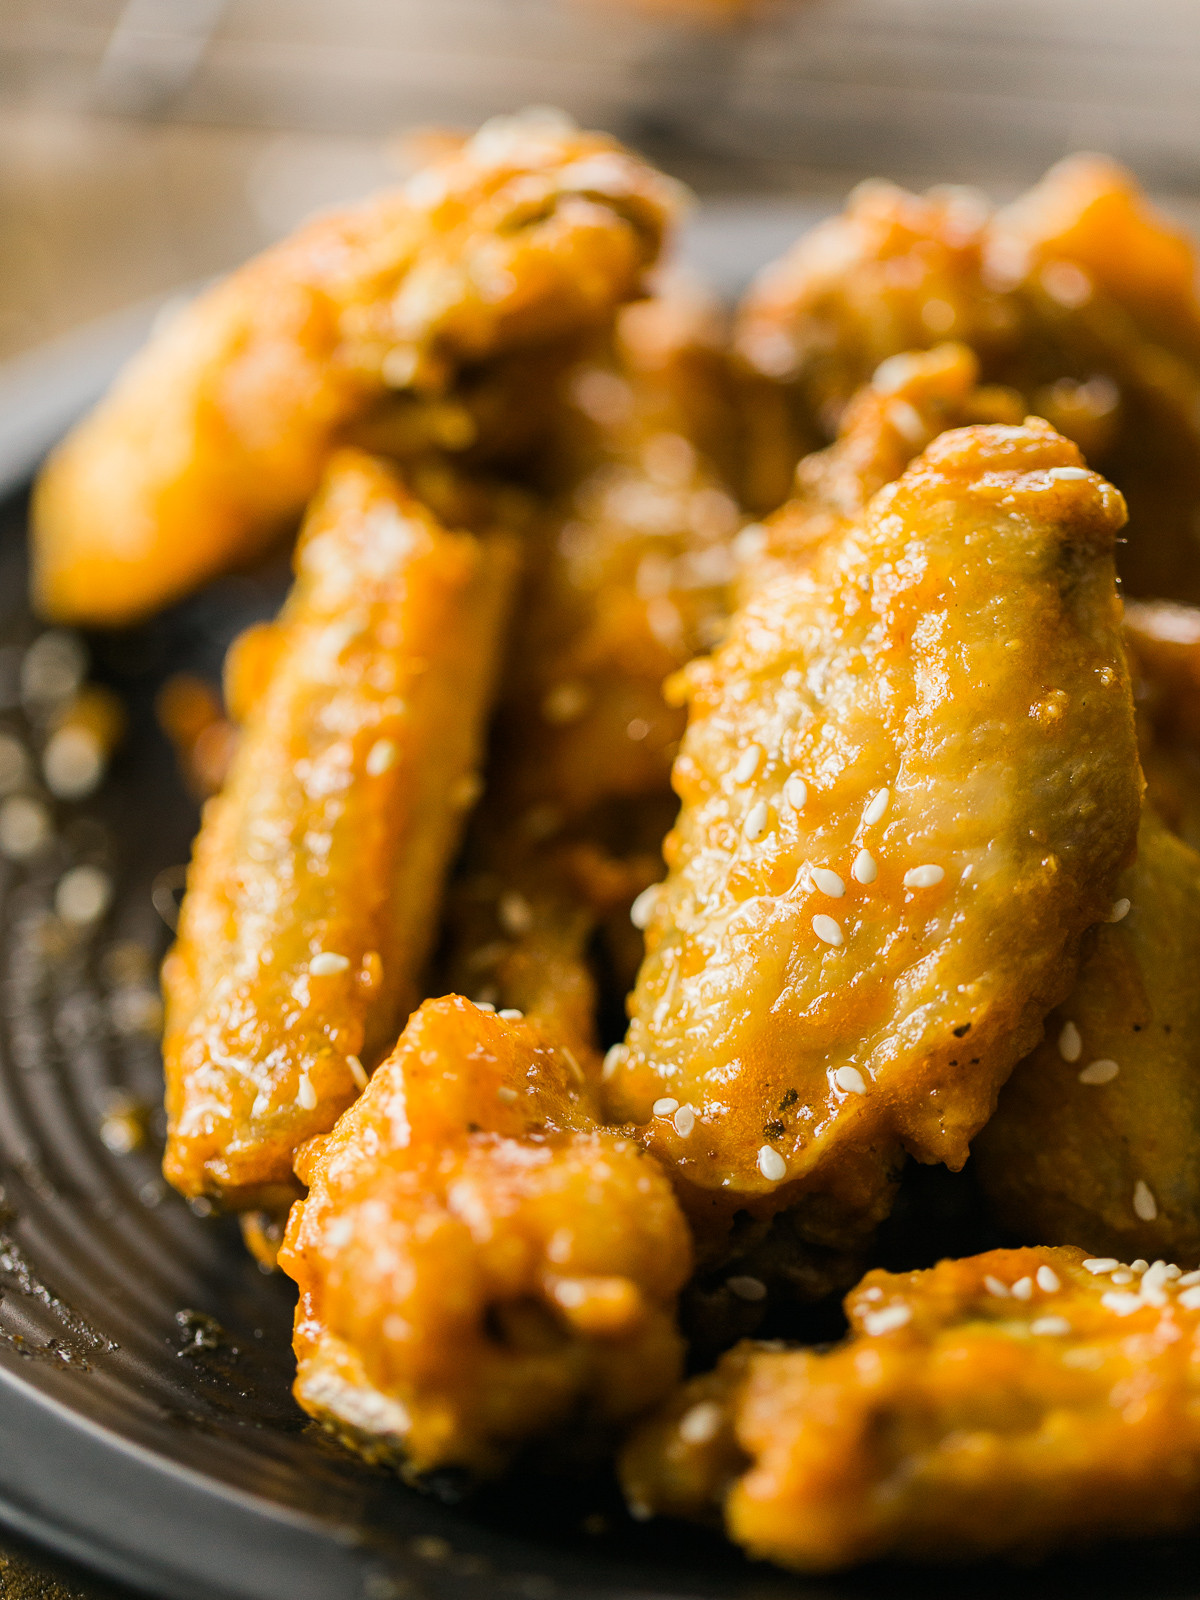 Baked Chicken Wings Crispy  Honey Sriracha Beer Glazed Crispy Baked Chicken Wings